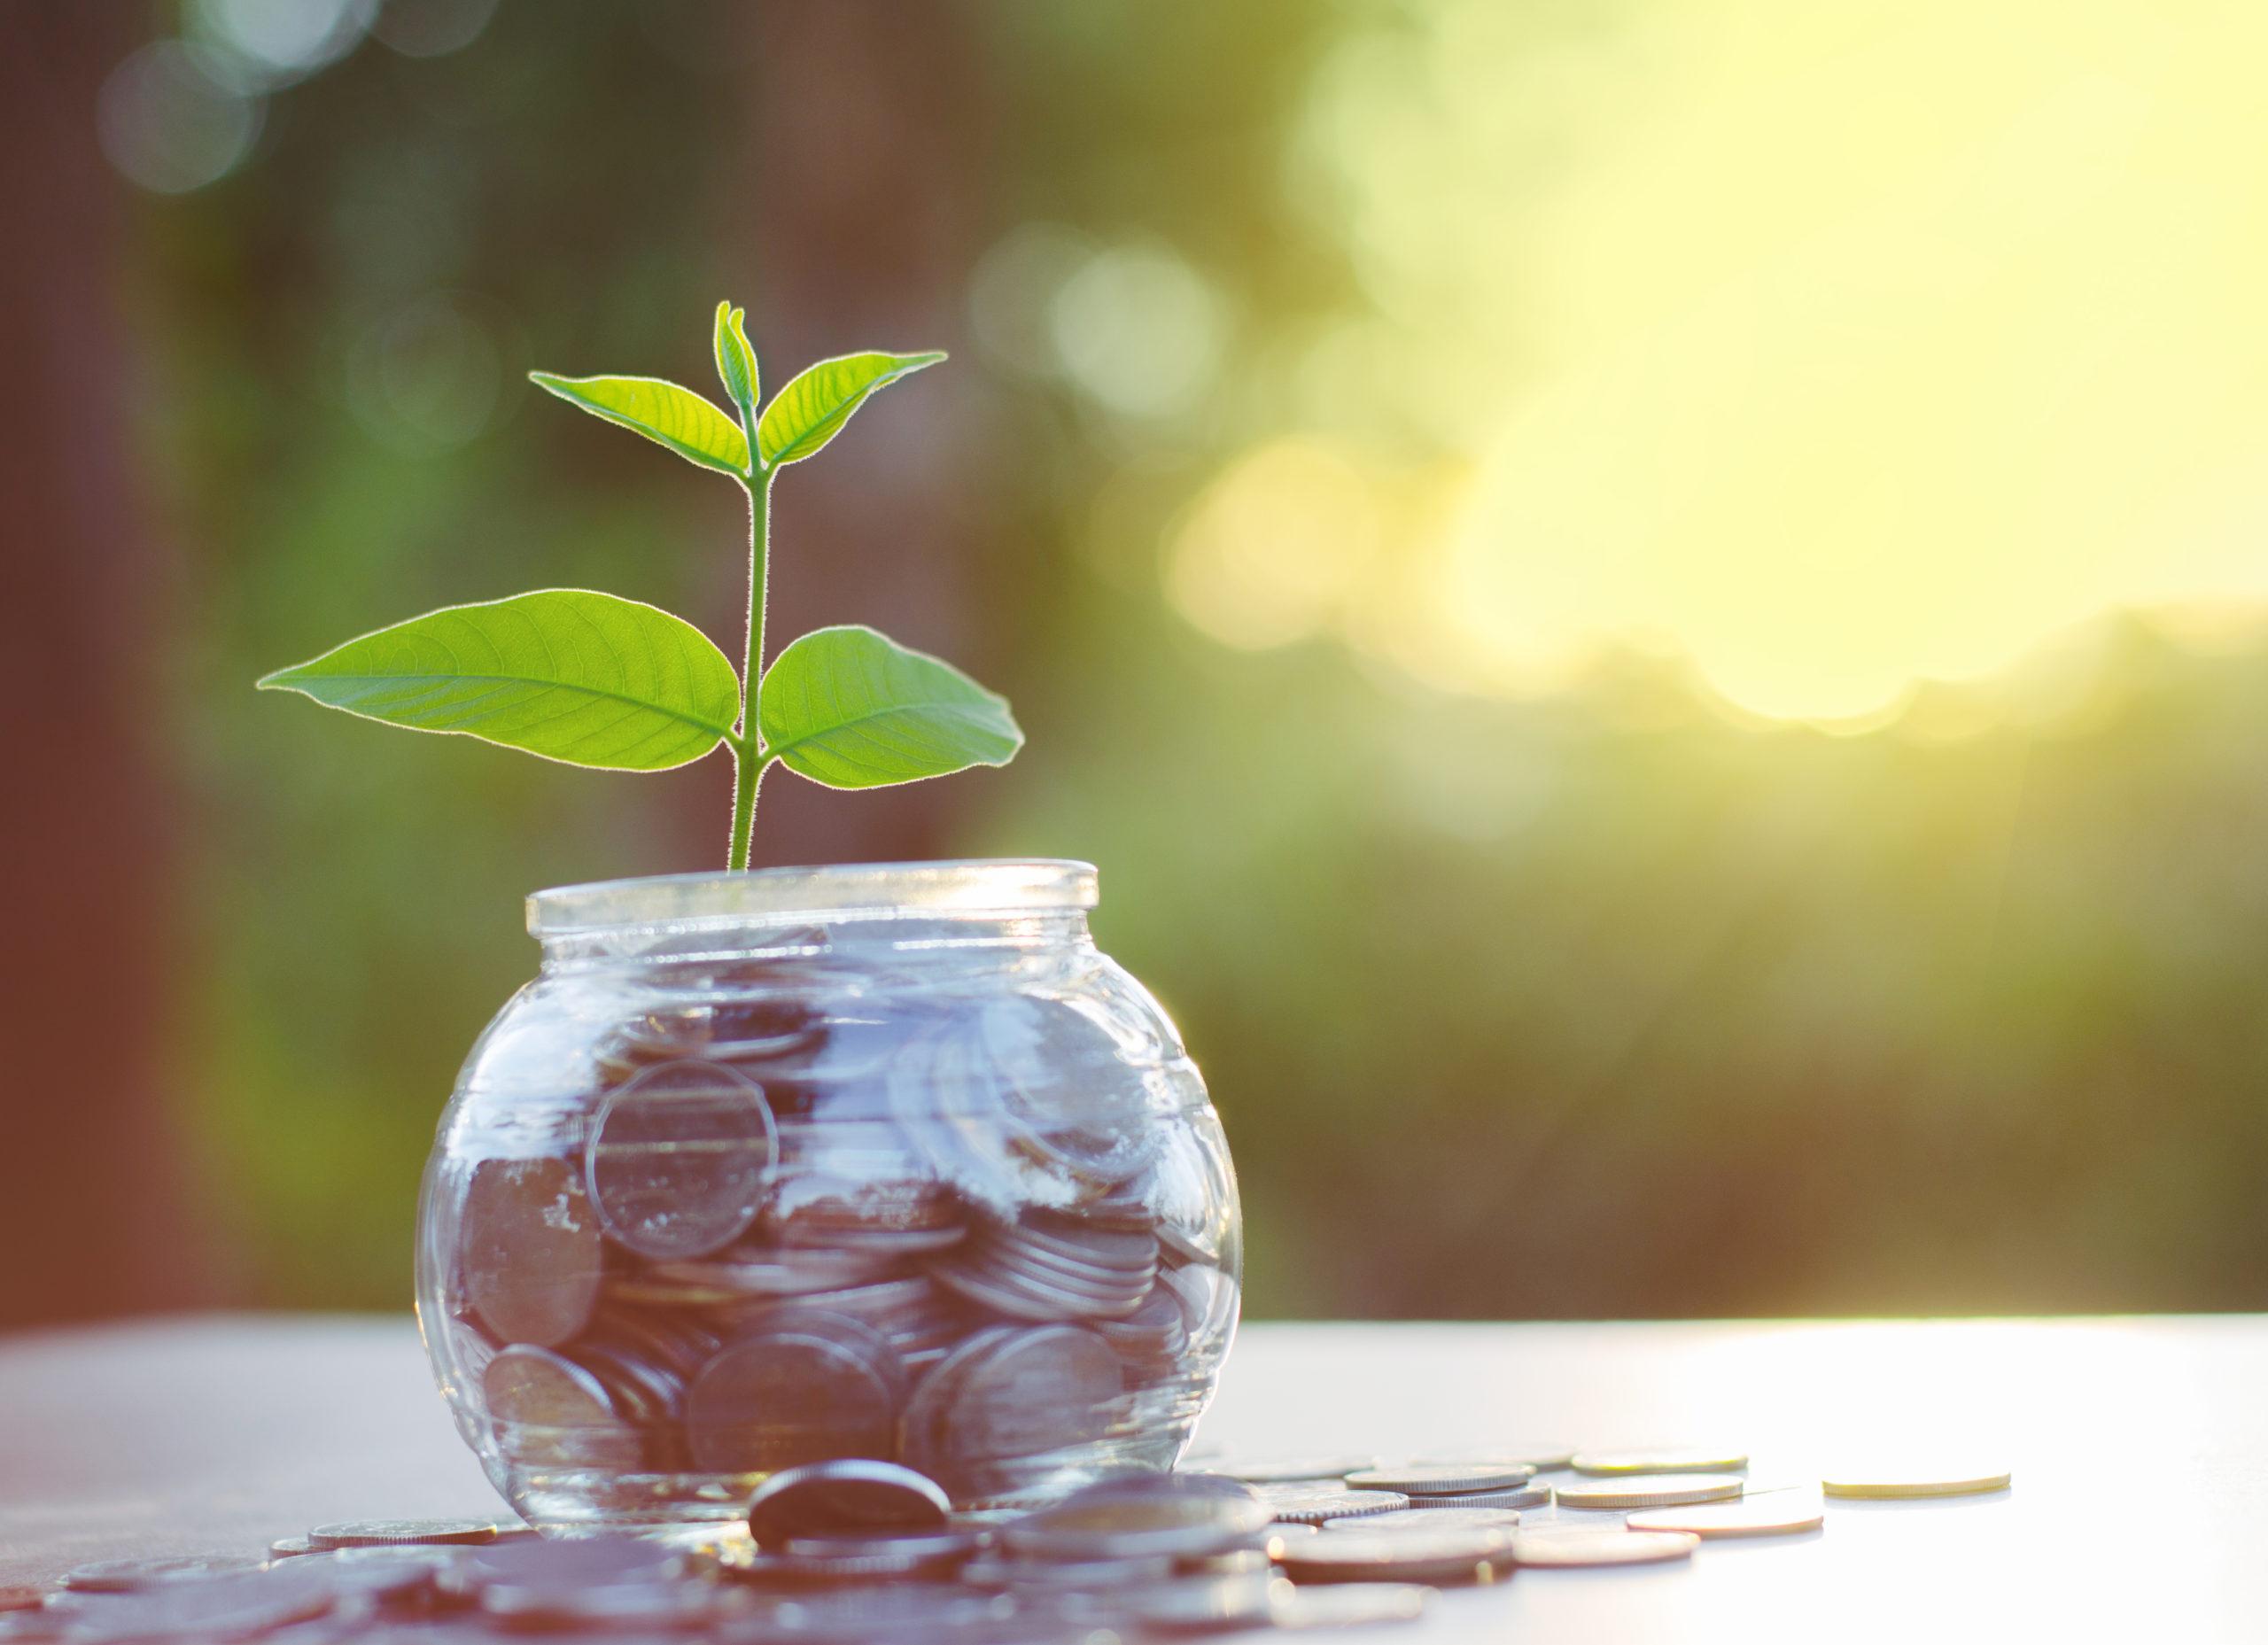 【幸せなお金持ちの成功者に学ぶ】潜在意識を書き換えて、お金を引き寄せる方法